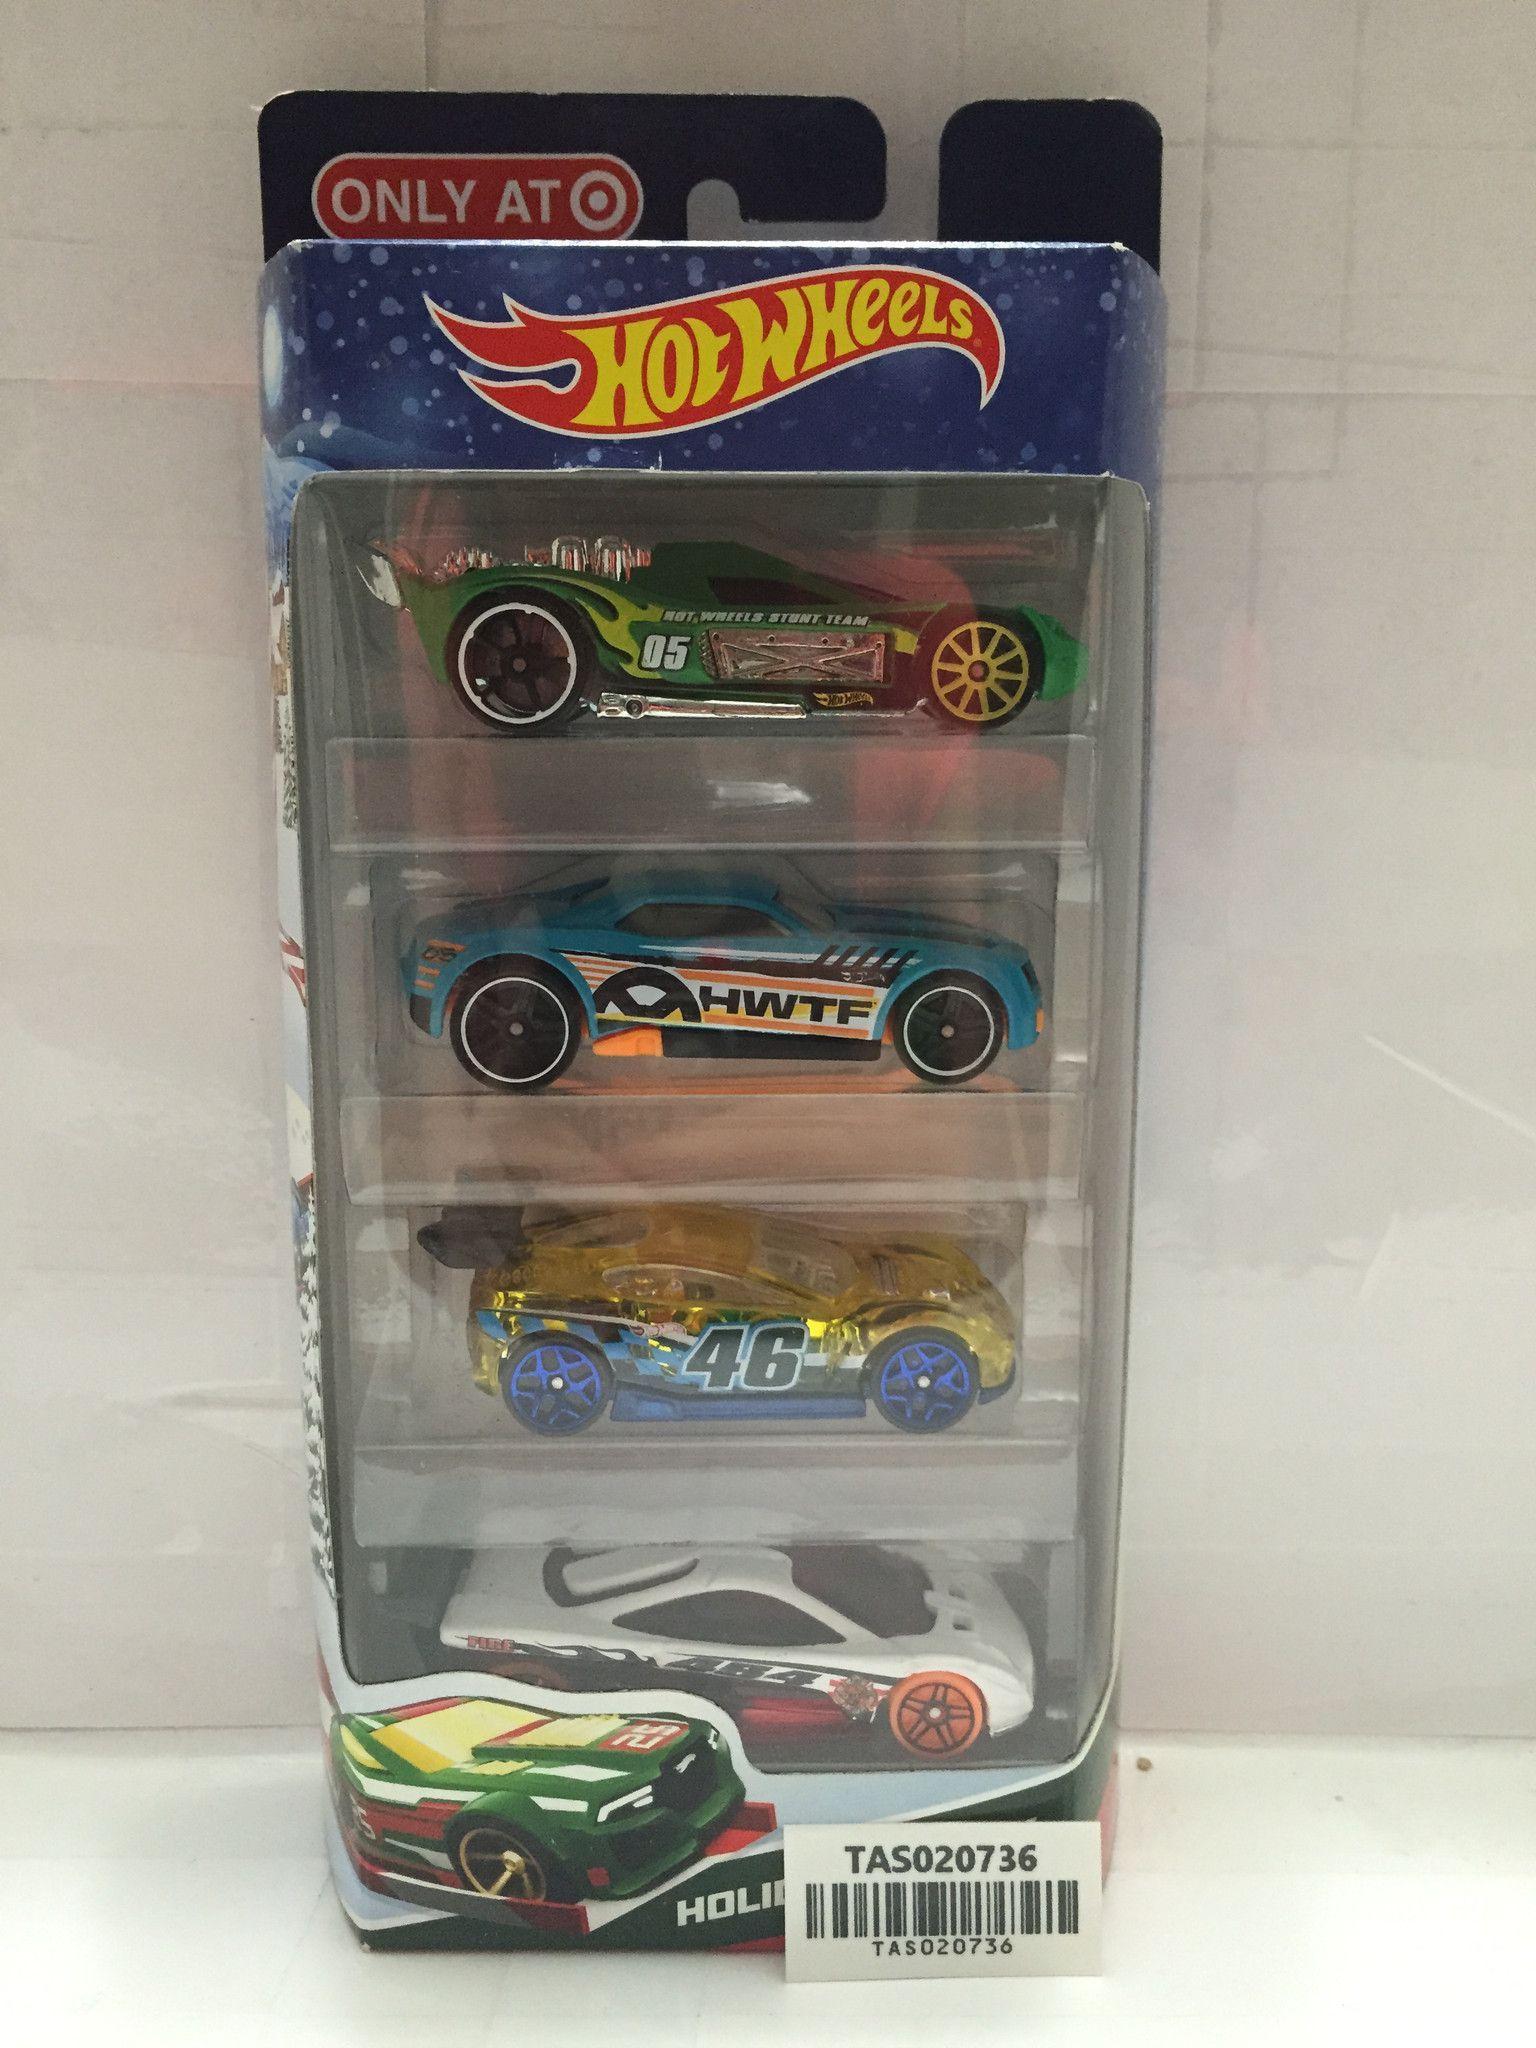 04d591f805bfb35d1c00284712df3f36 Elegant Bugatti Veyron toy Car Hot Wheels Cars Trend